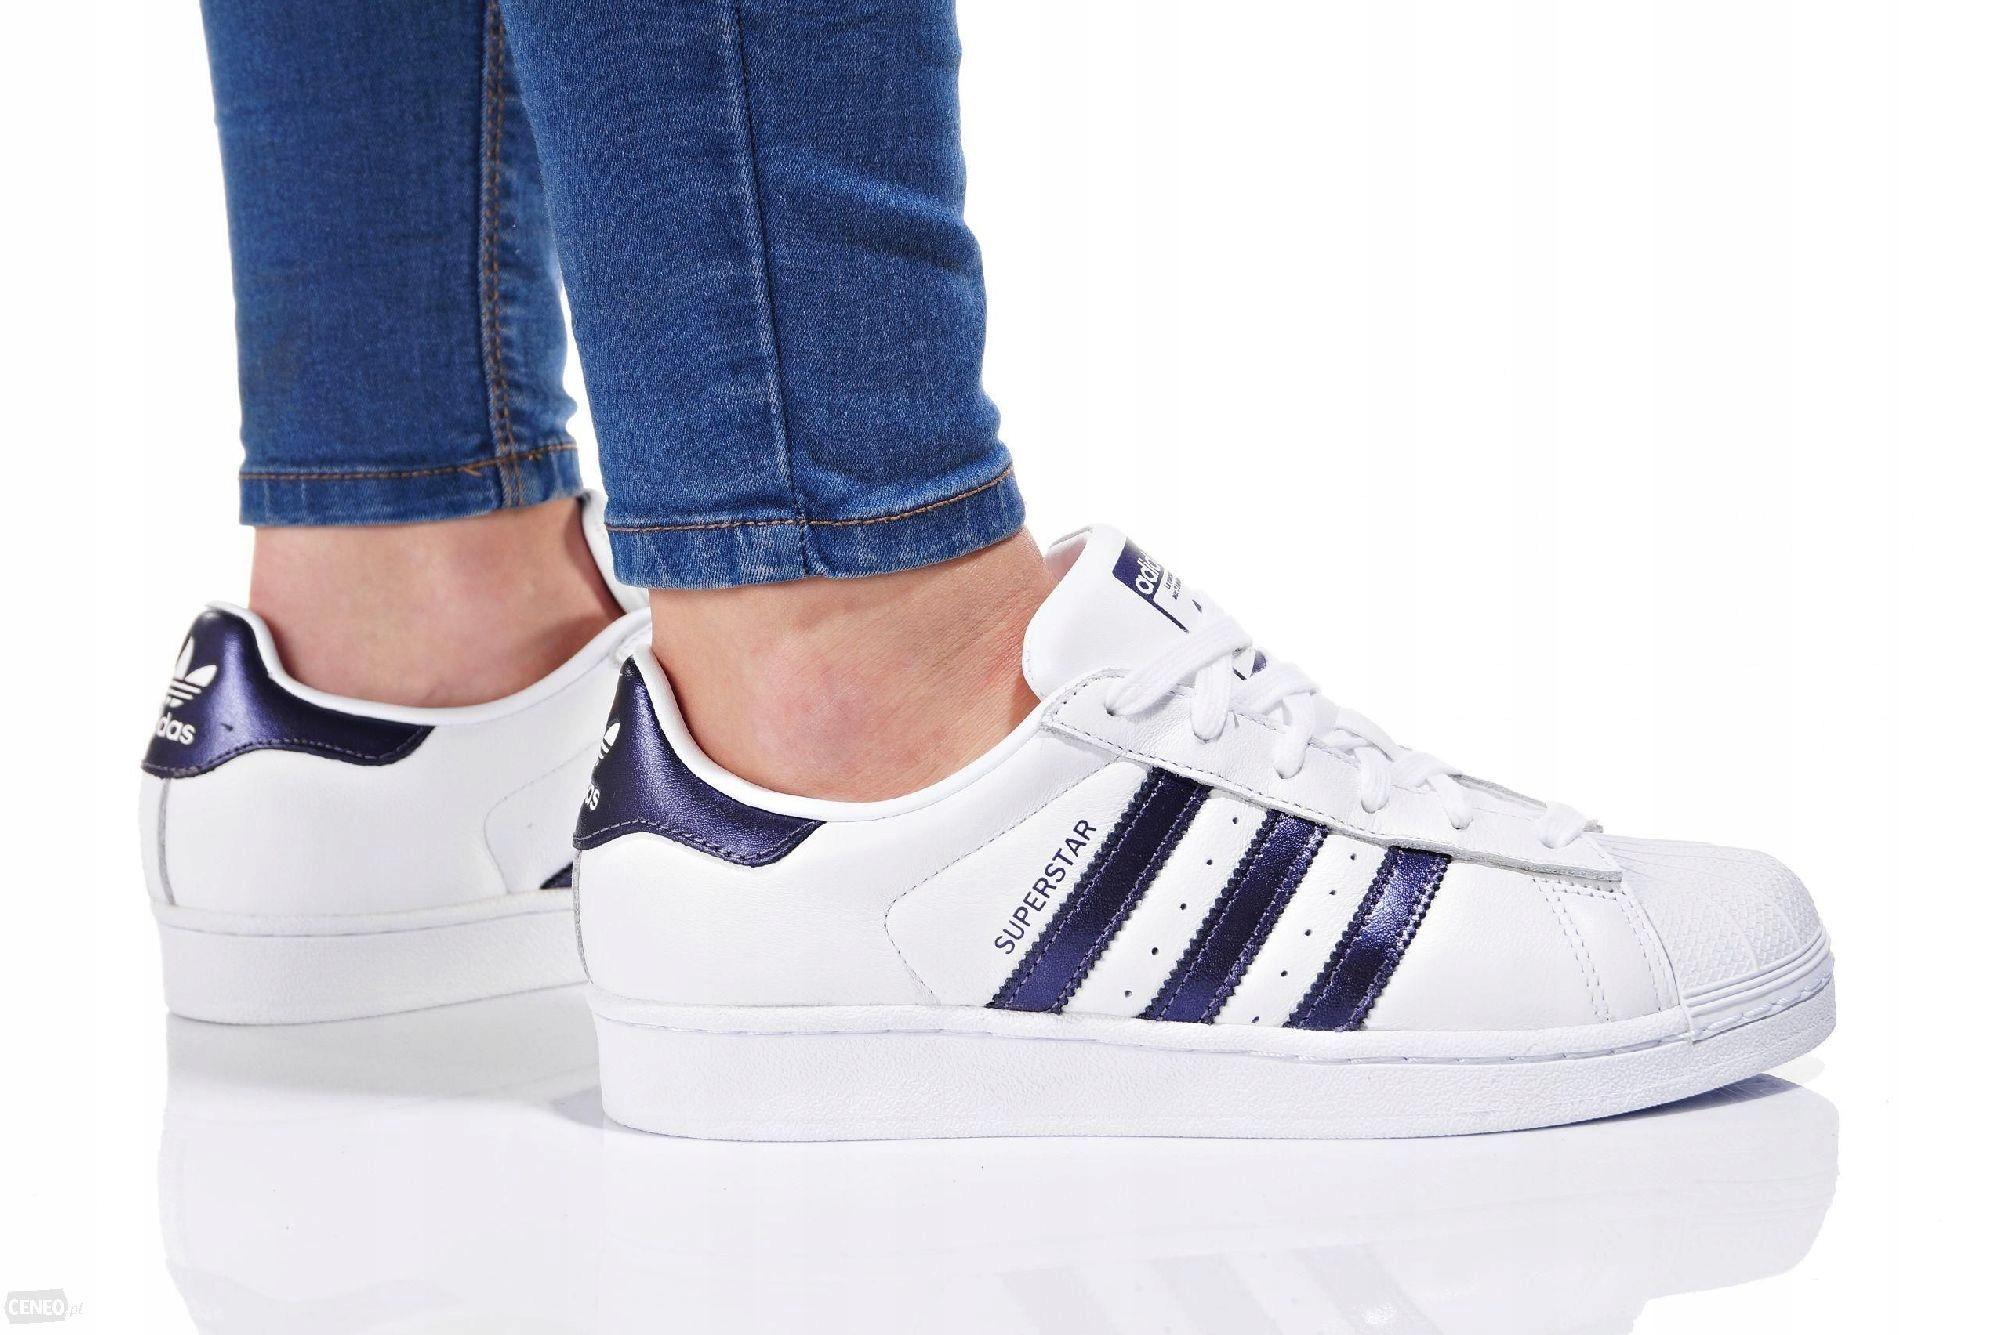 Adidas Buty damskie Superstar białe r. 37 13 (CG5